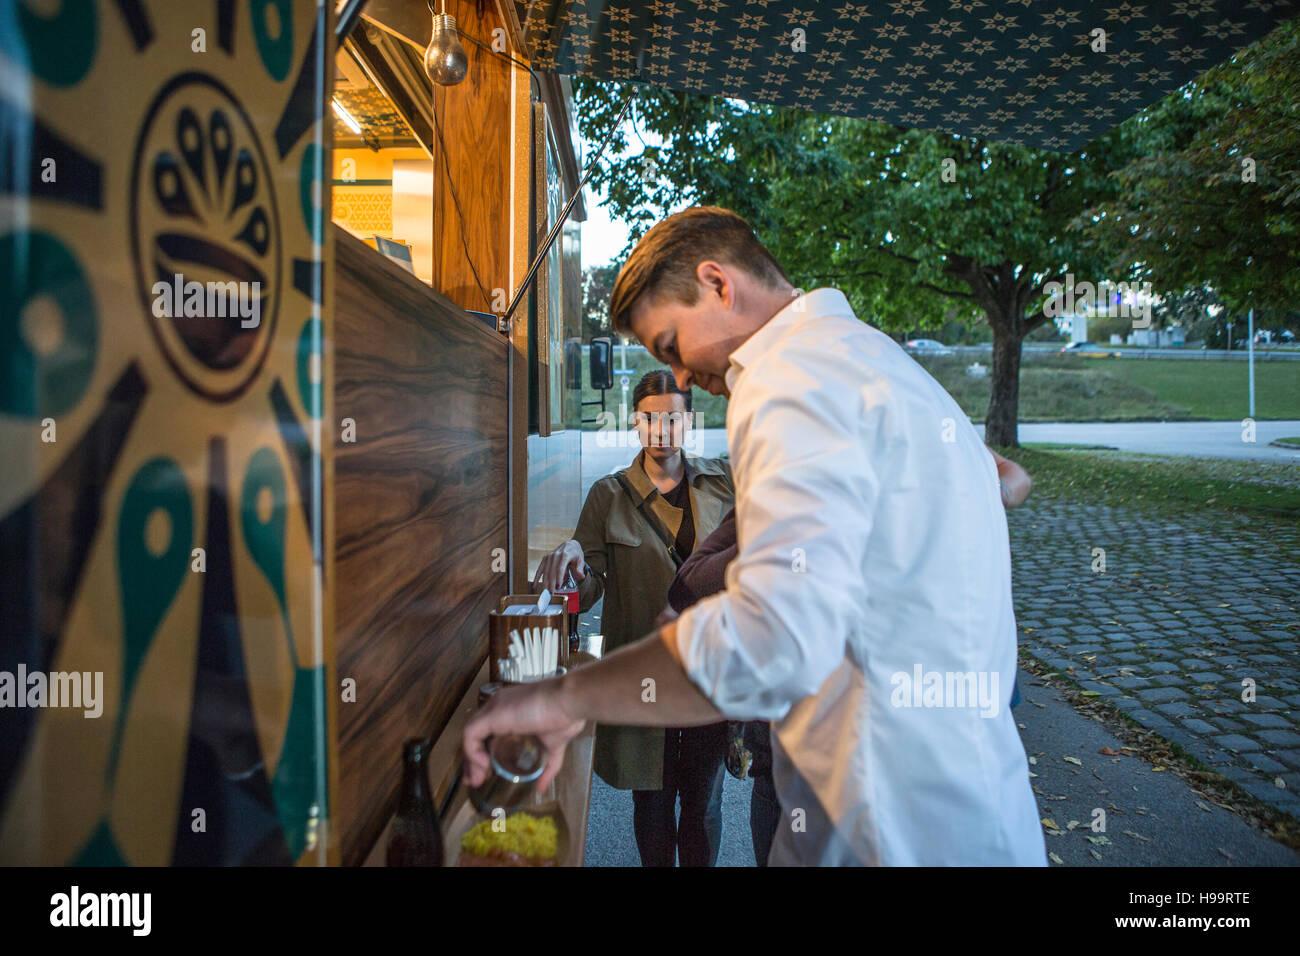 La clientèle masculine manger plat à camion alimentaire Banque D'Images